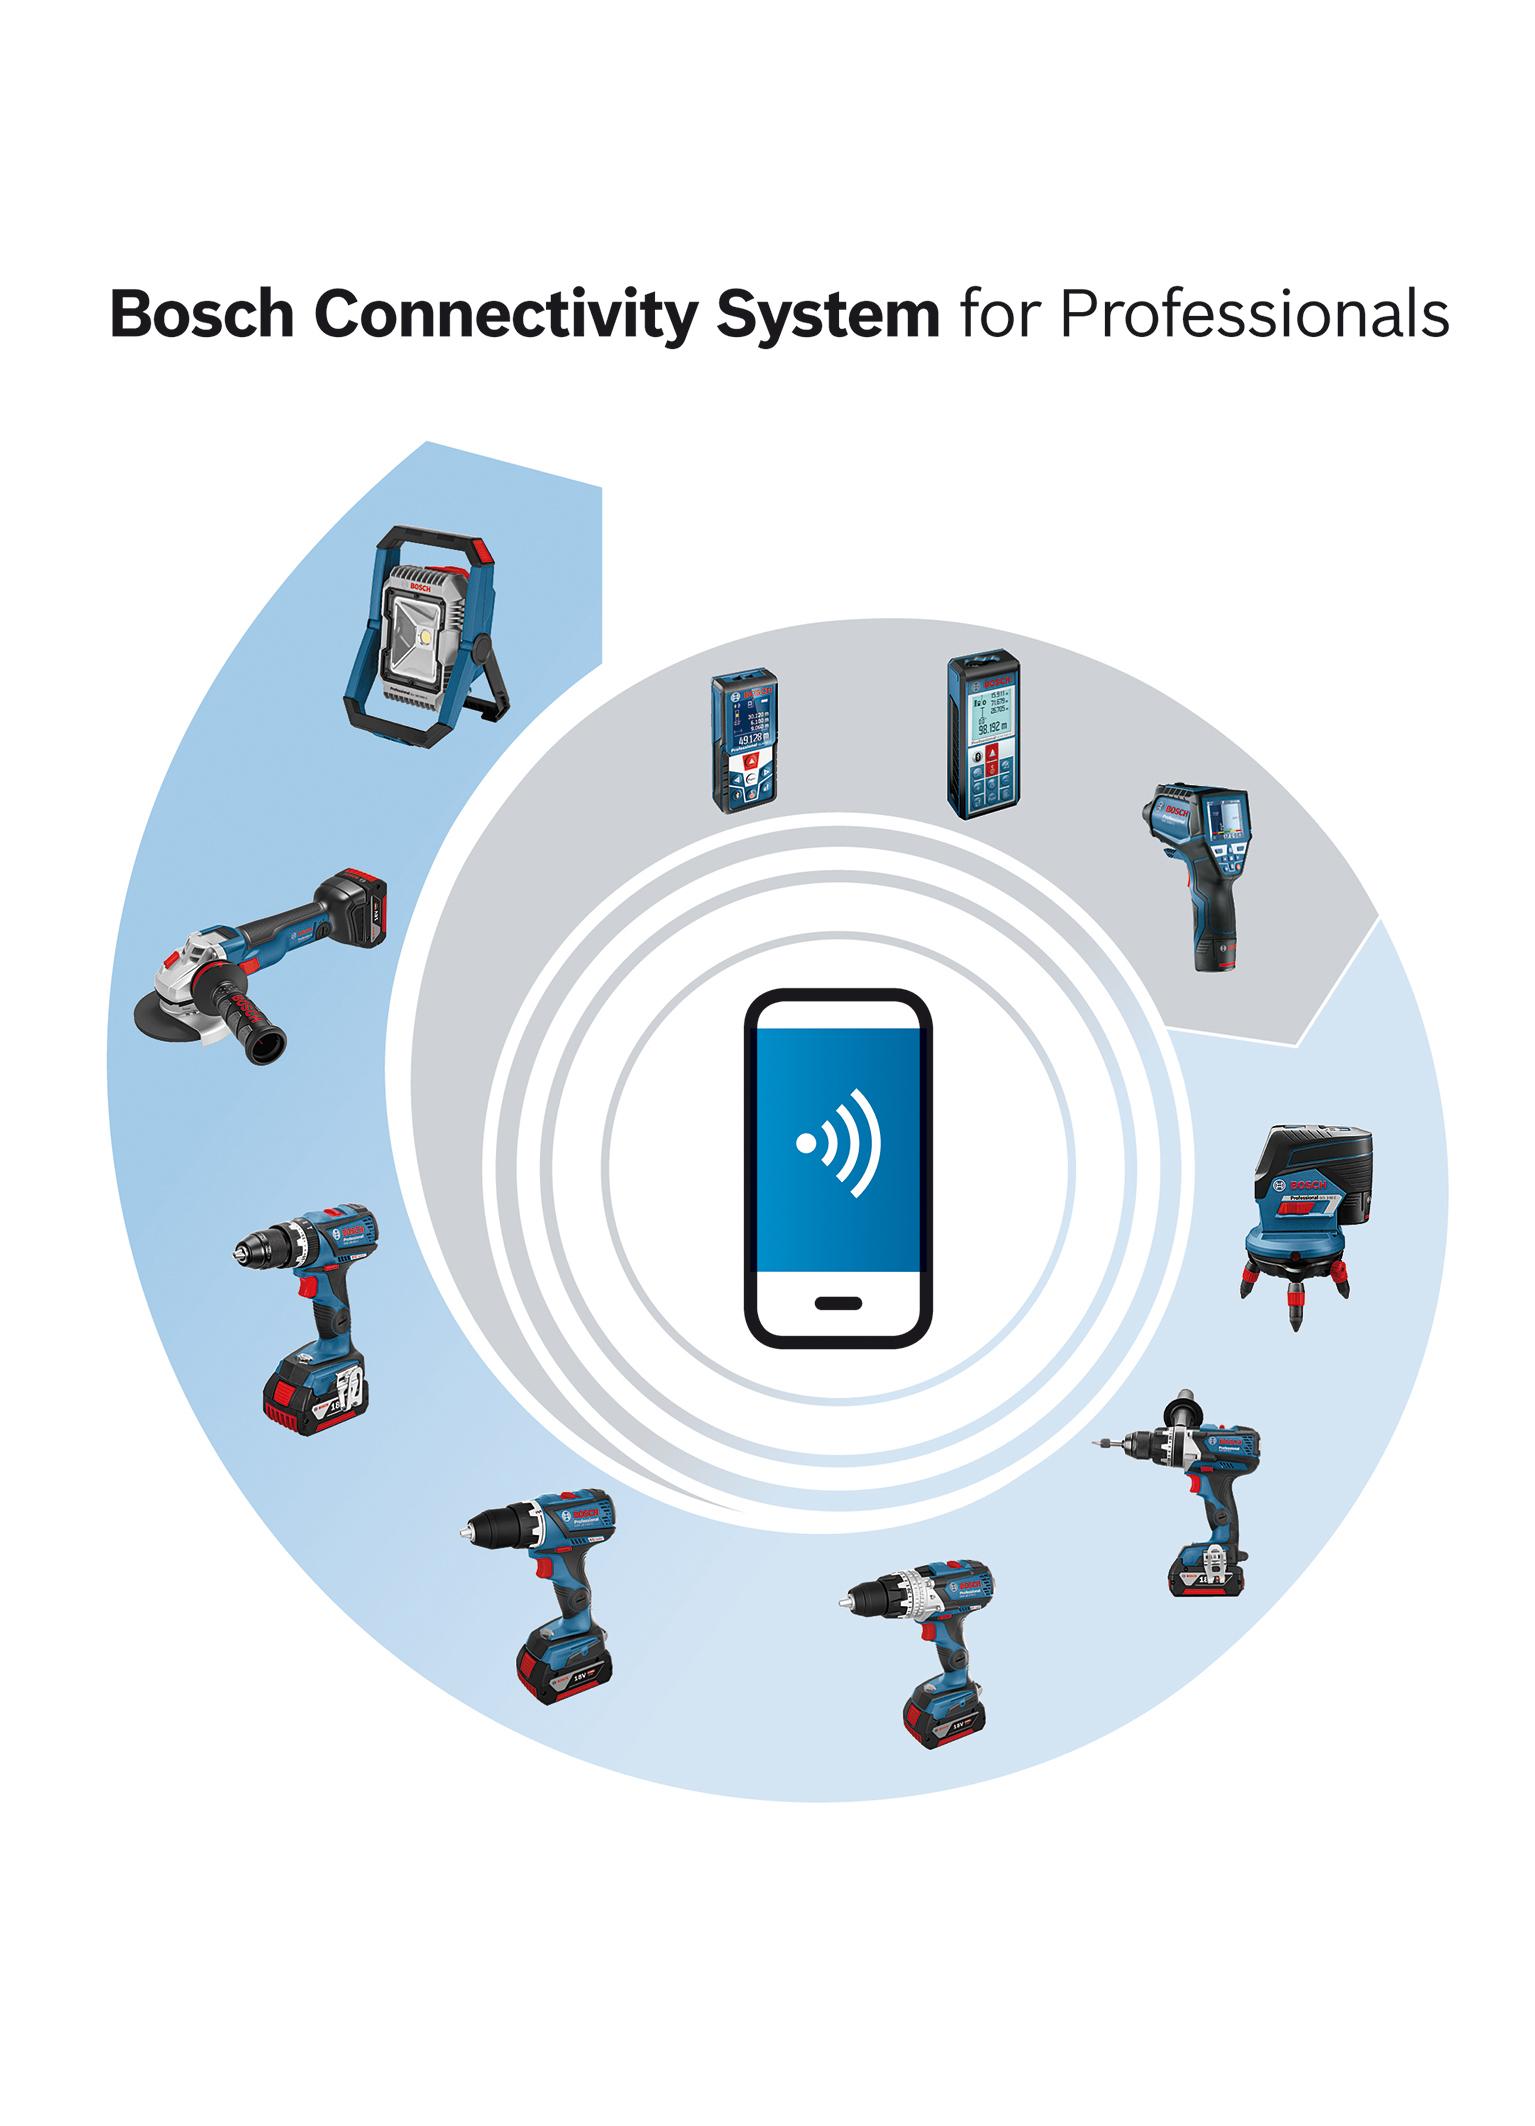 Höhere Effizienz und Produktivität: Bosch baut Connectivity-System für Profis weiter aus